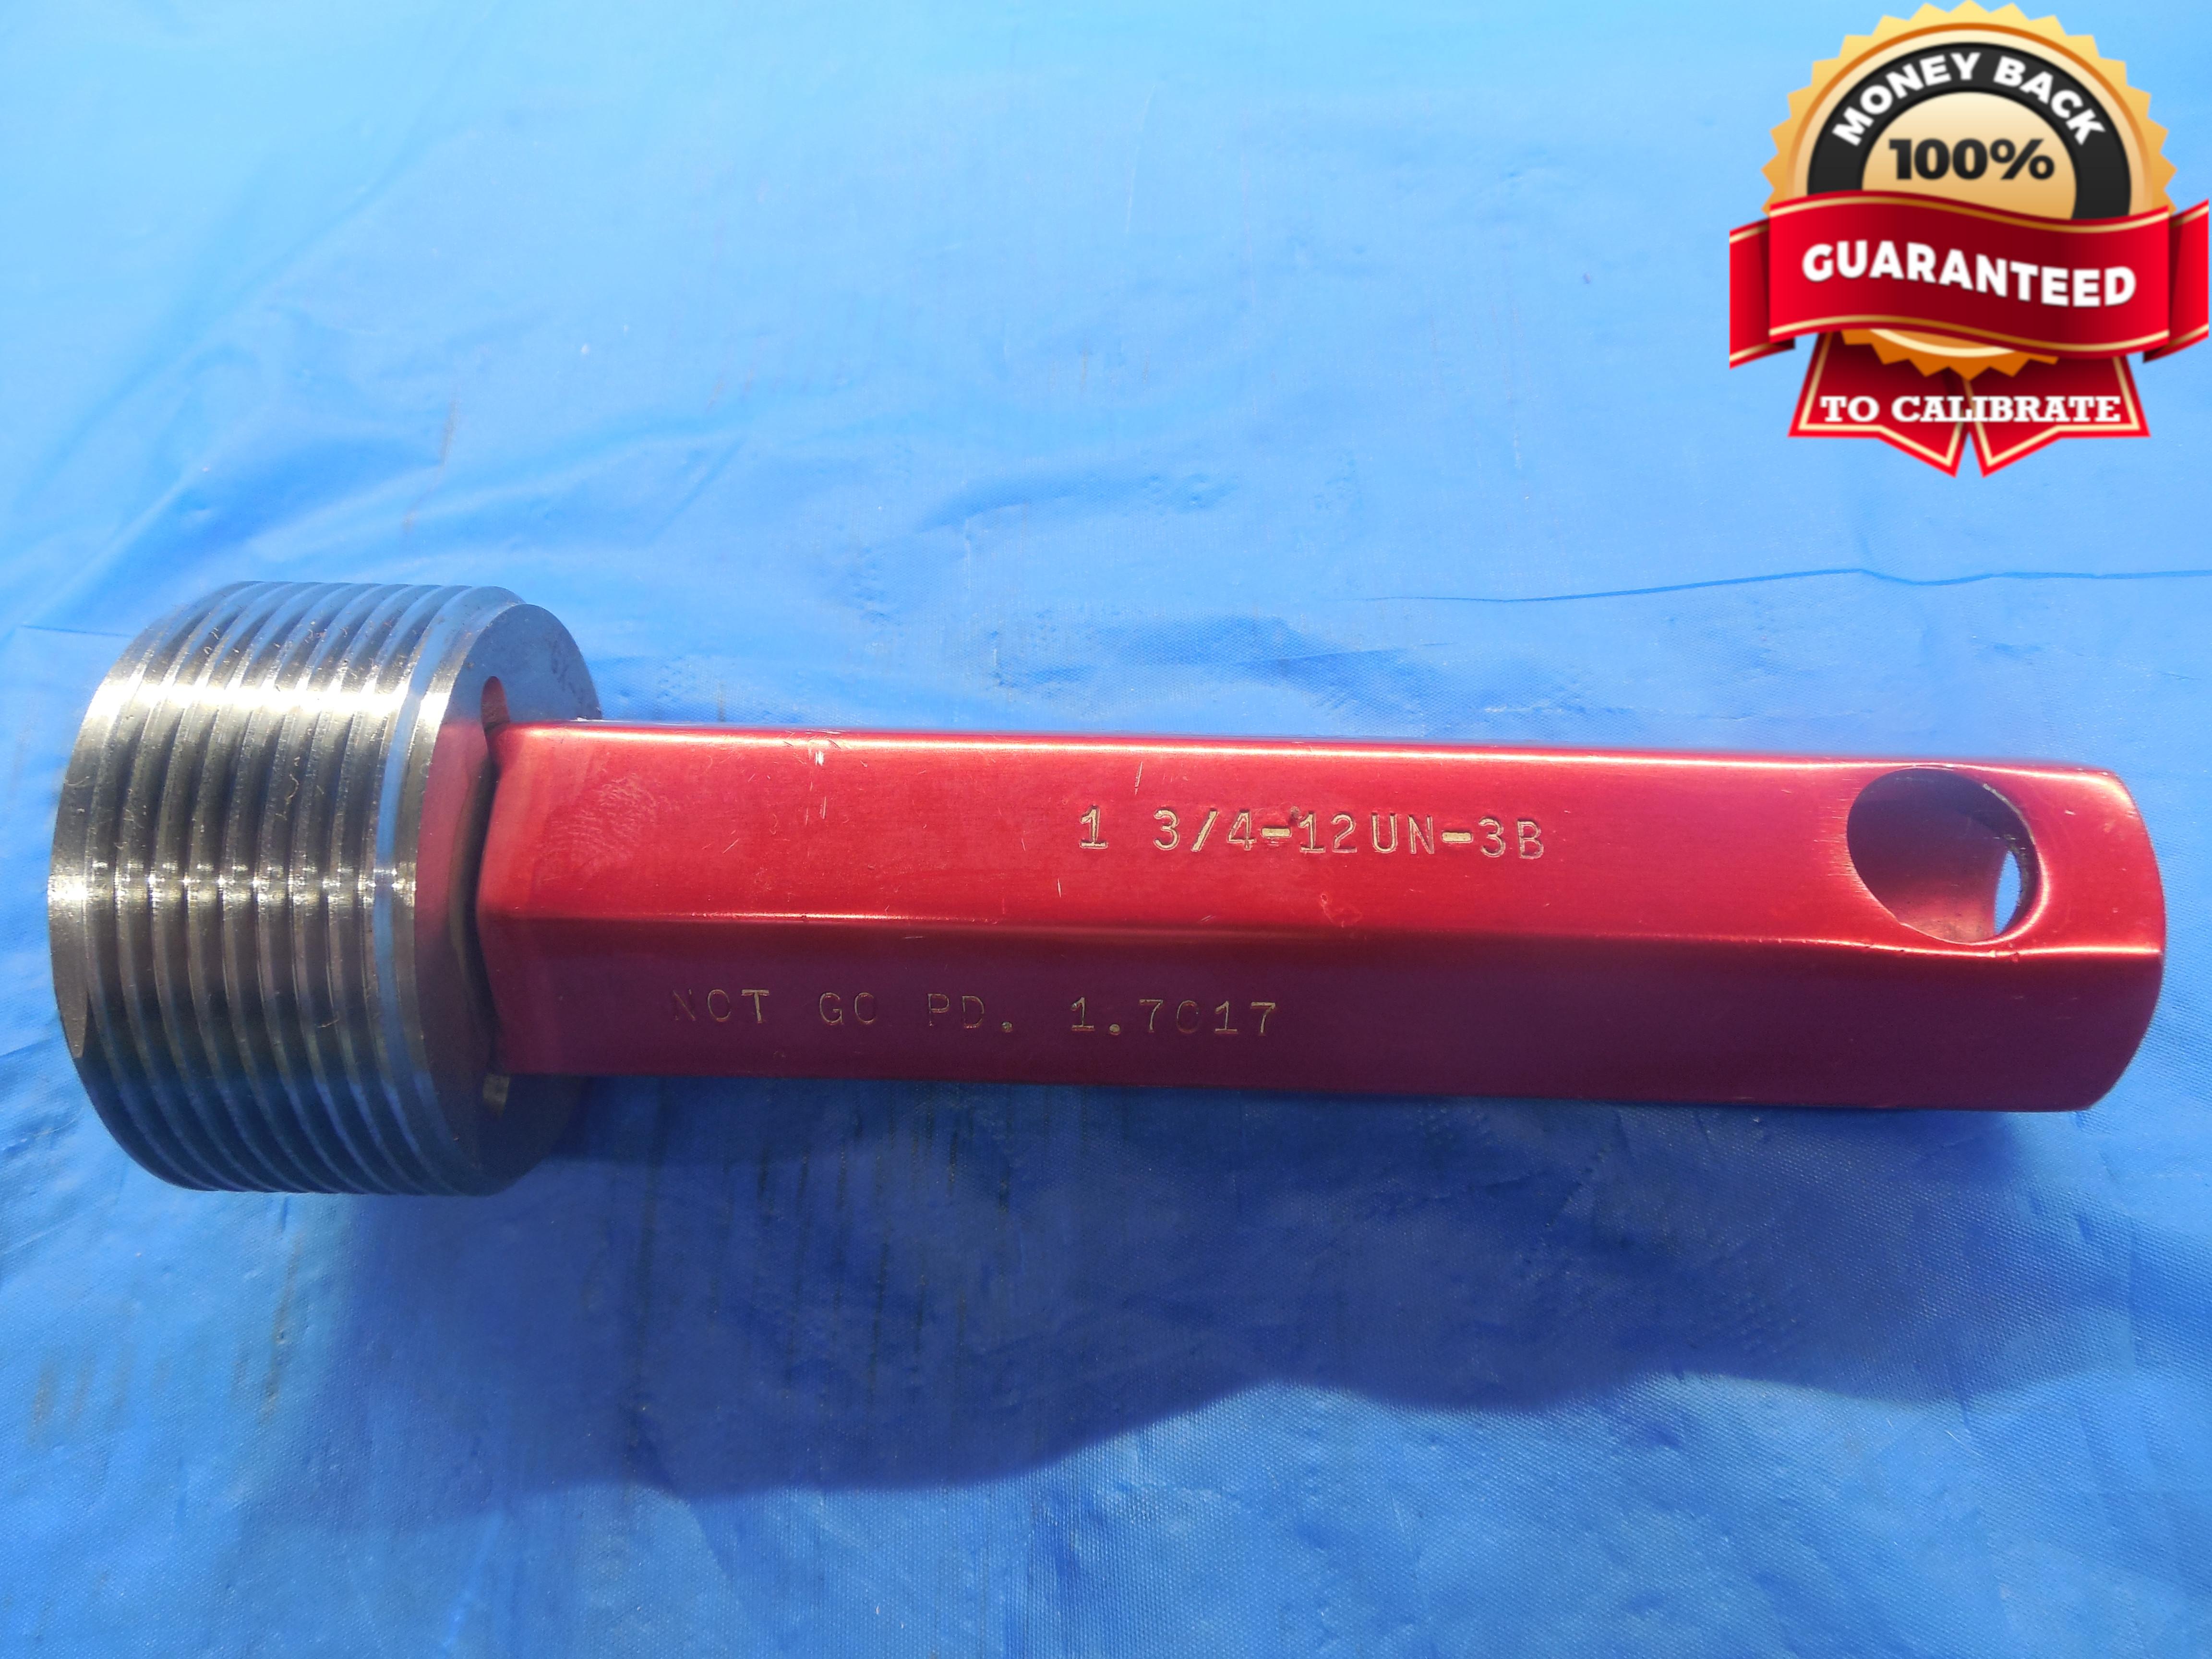 1 3//4 12 UN 3B NO GO THREAD PLUG GAGE 1.750 P.D IS 1.7017 USA MADE TOOLMAKER